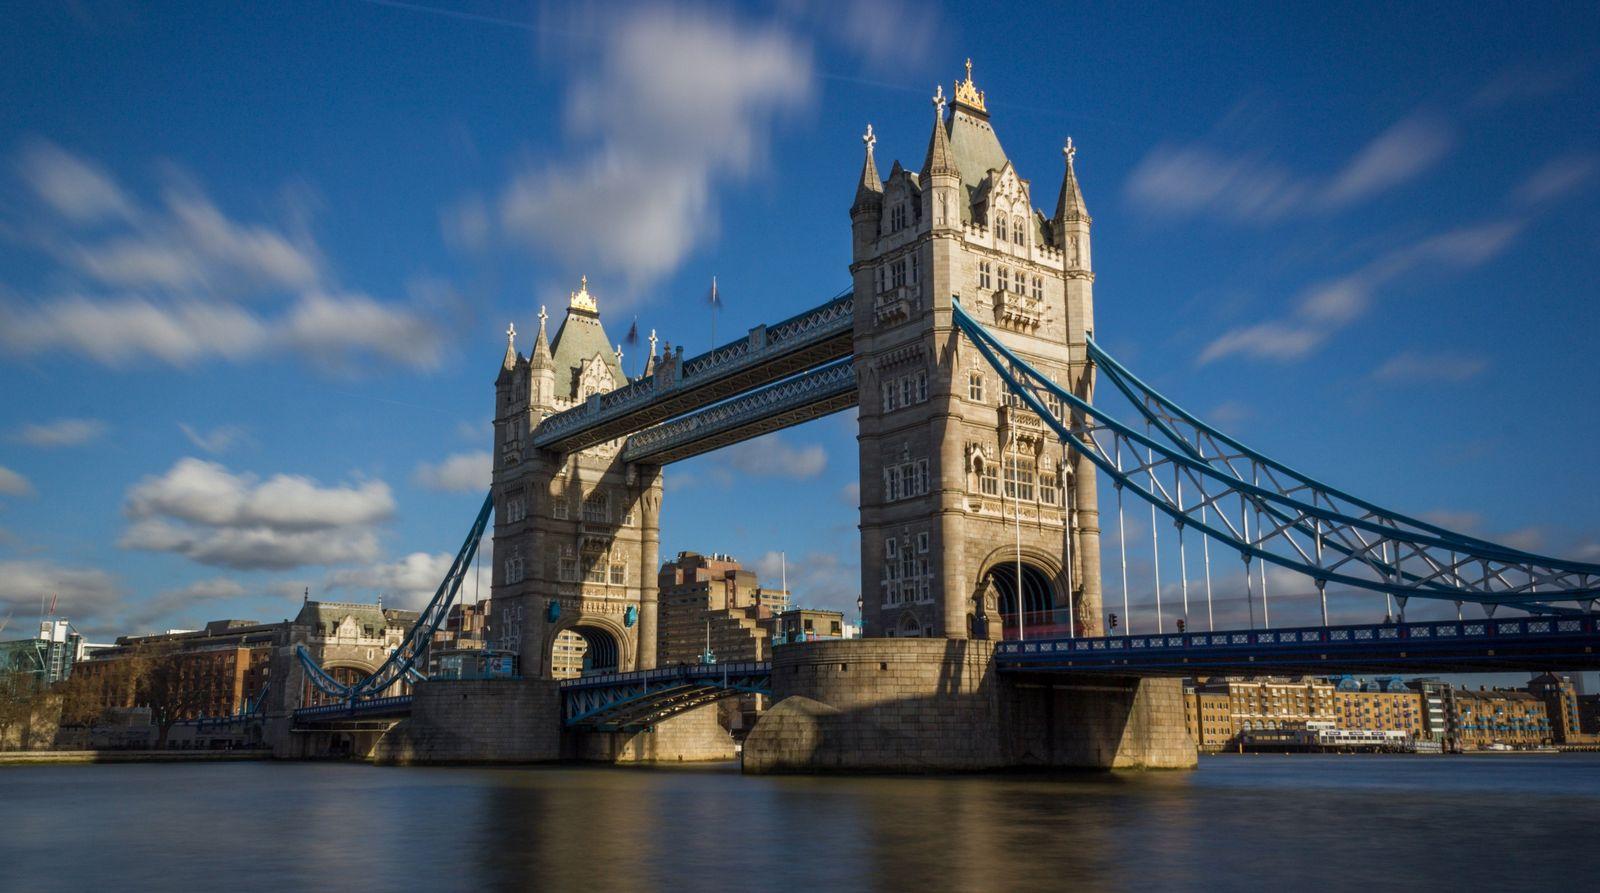 El Tower Bridge, insuperable desde lejos